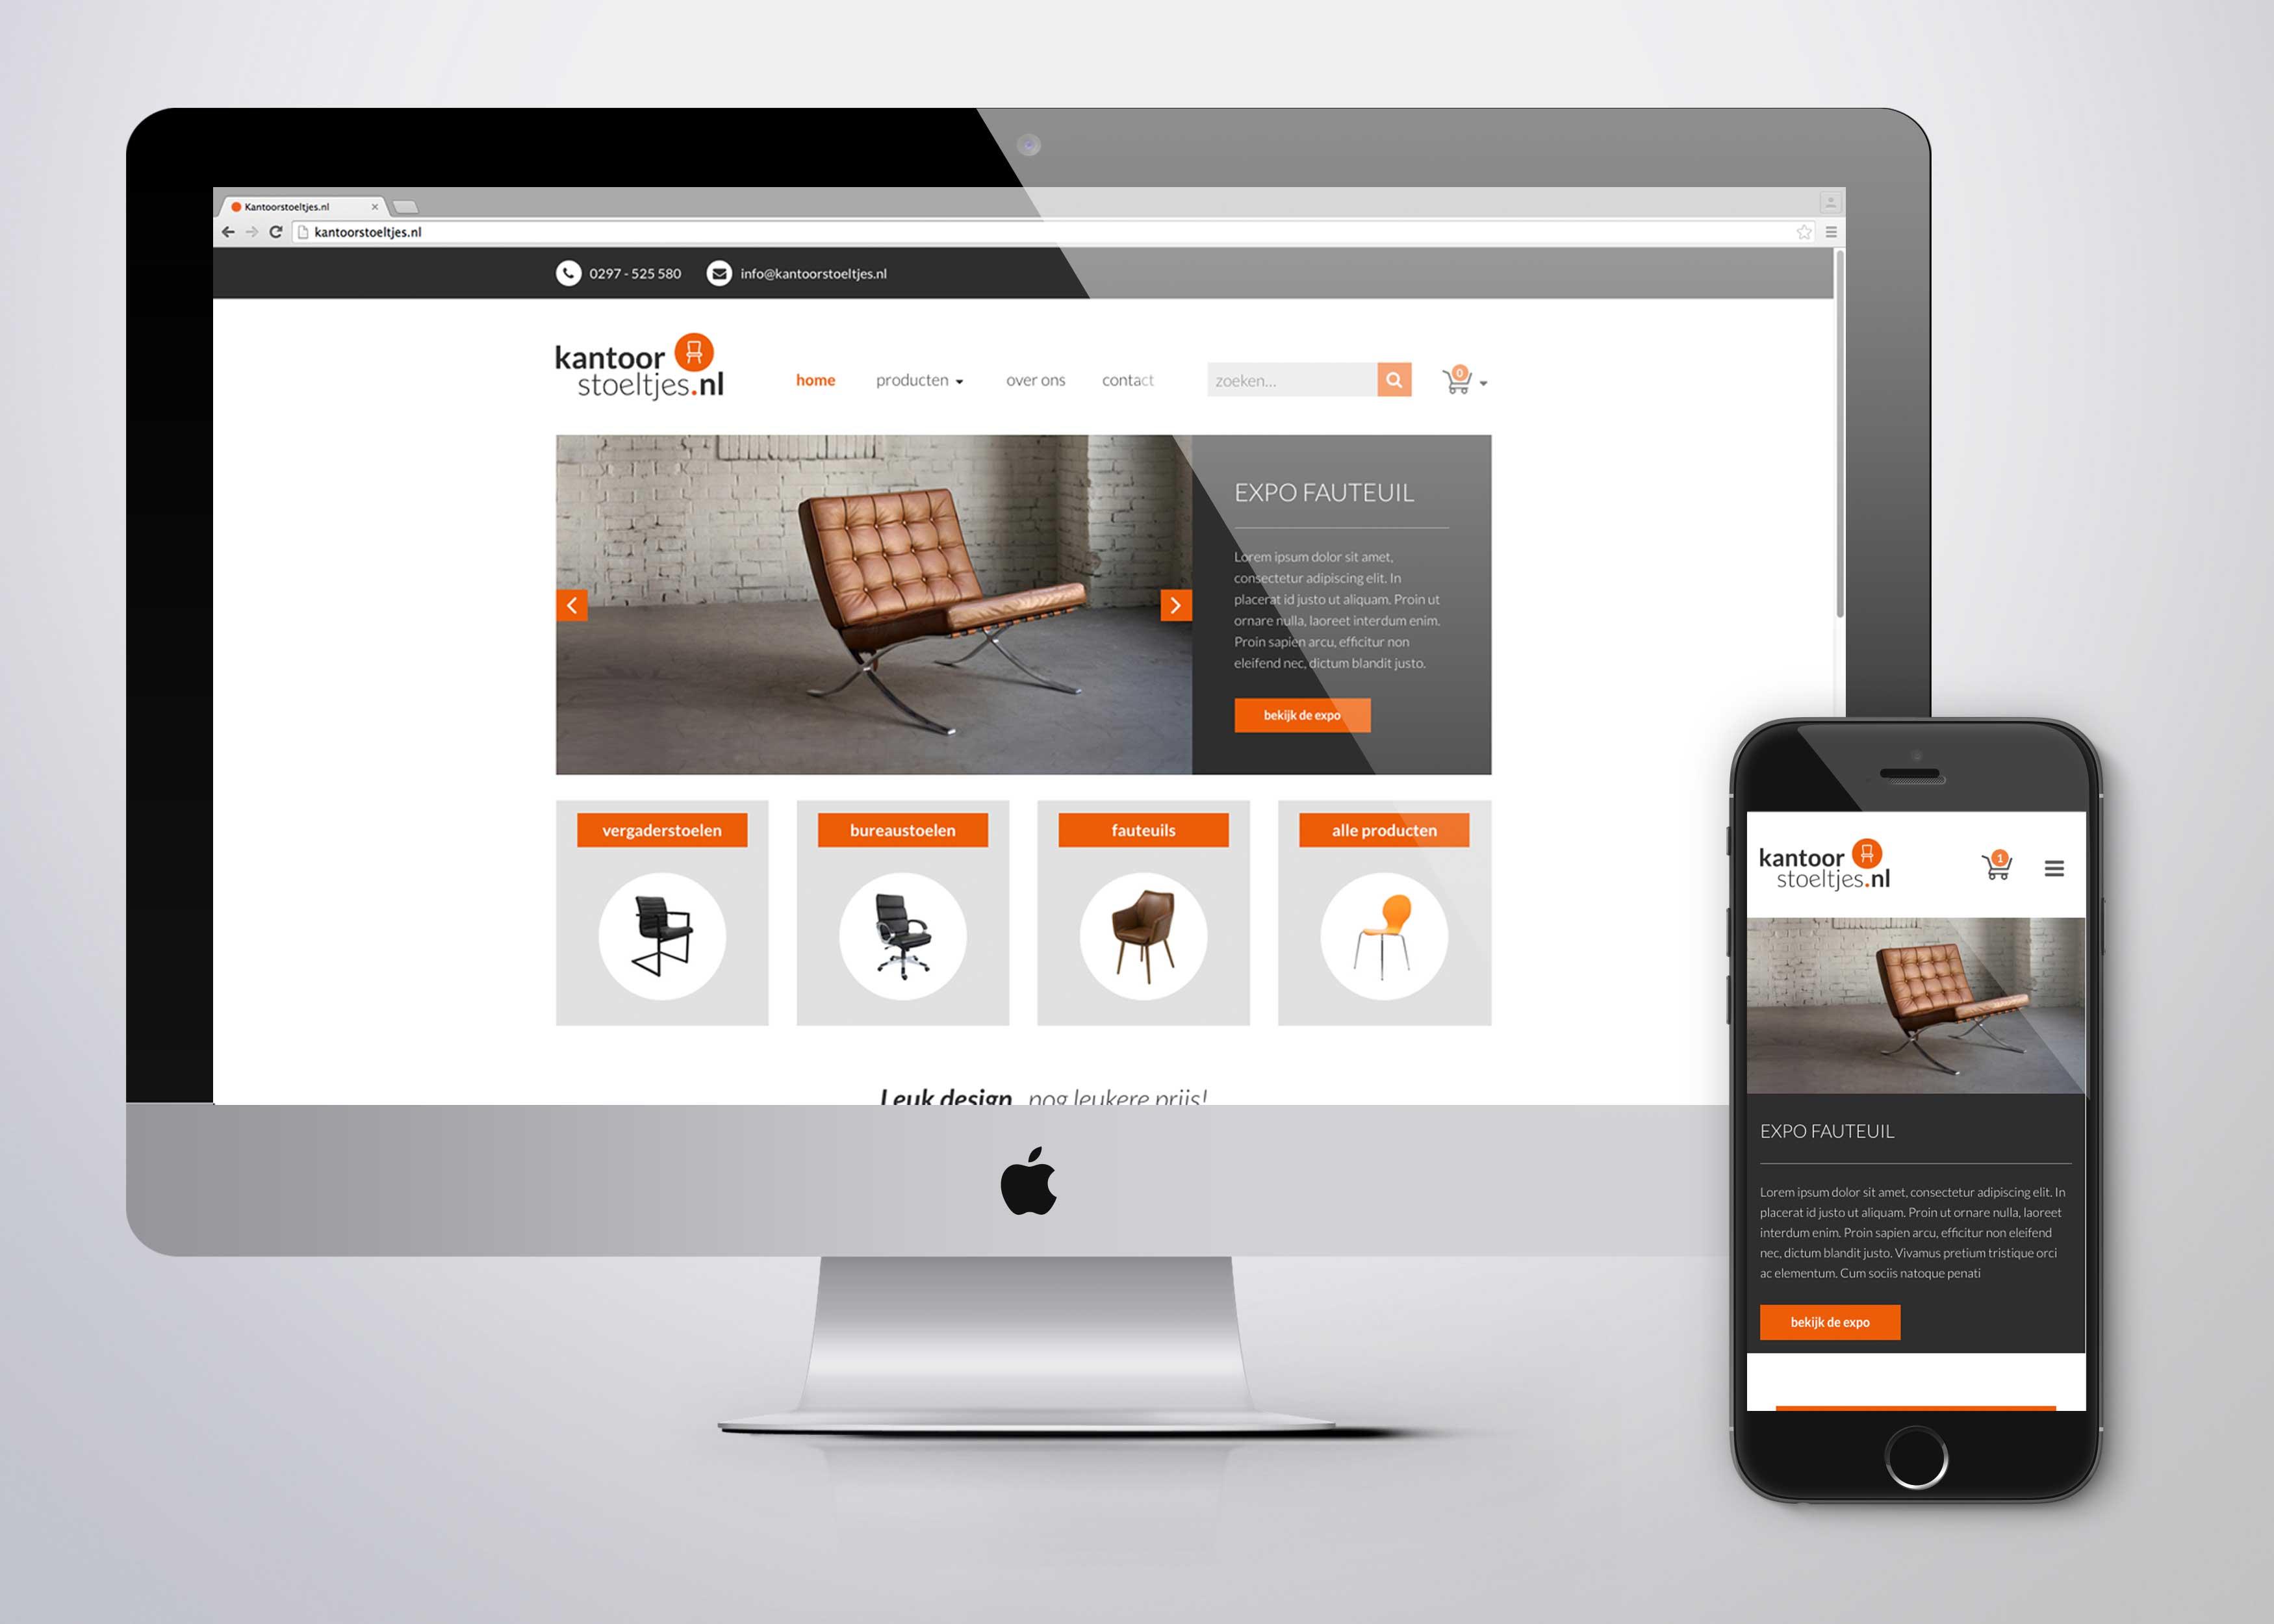 presentatie-kantoorstoeltjes1-web